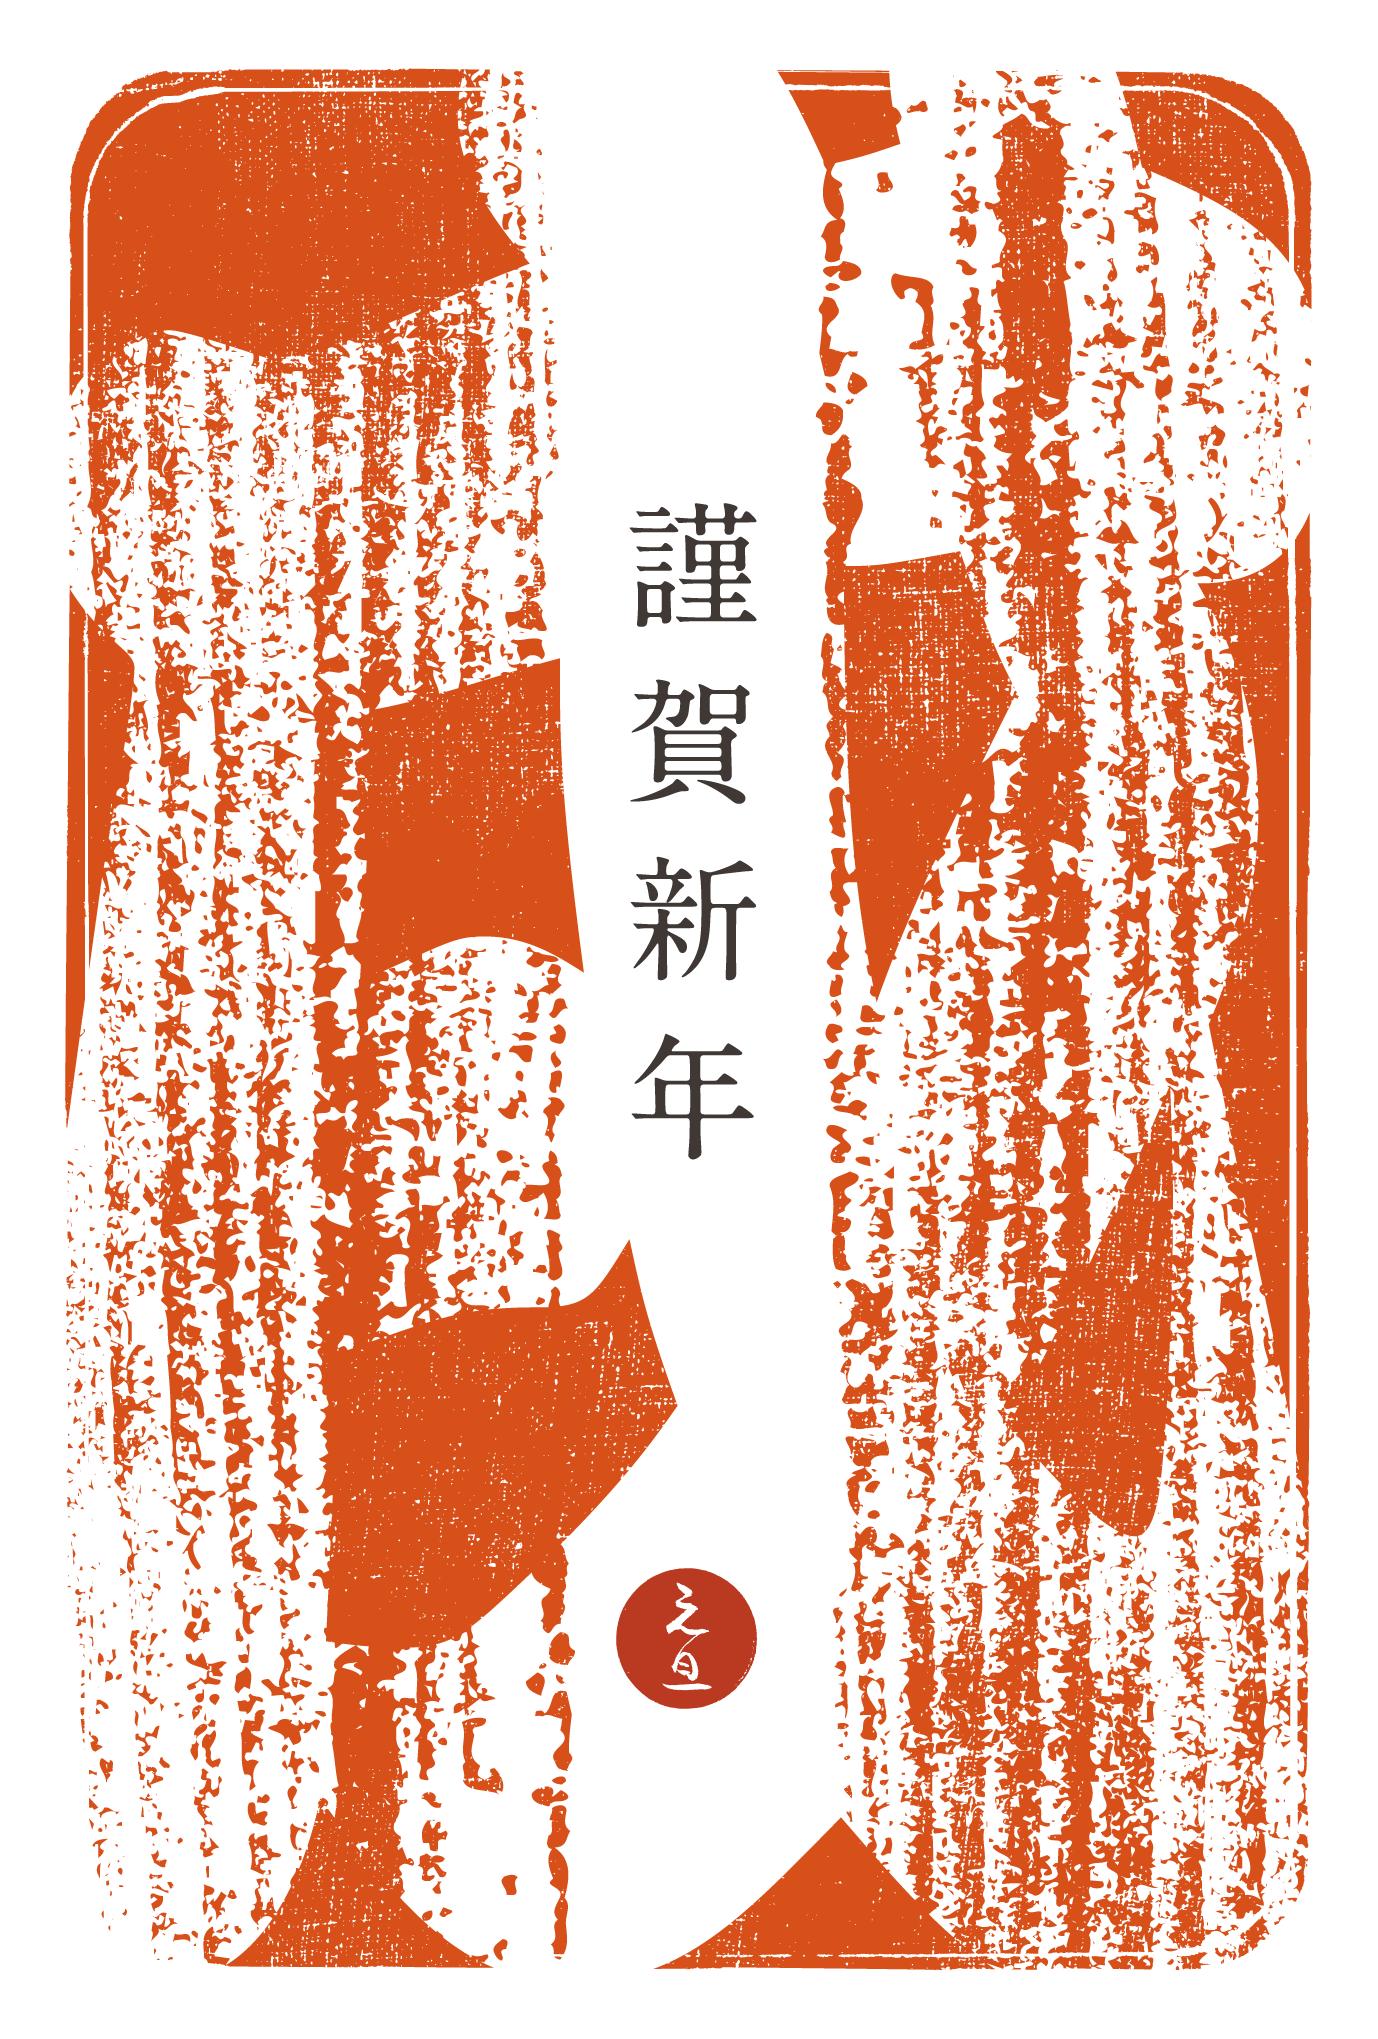 2018年賀状03-3:江戸勘亭流(戌)緋色のダウンロード画像